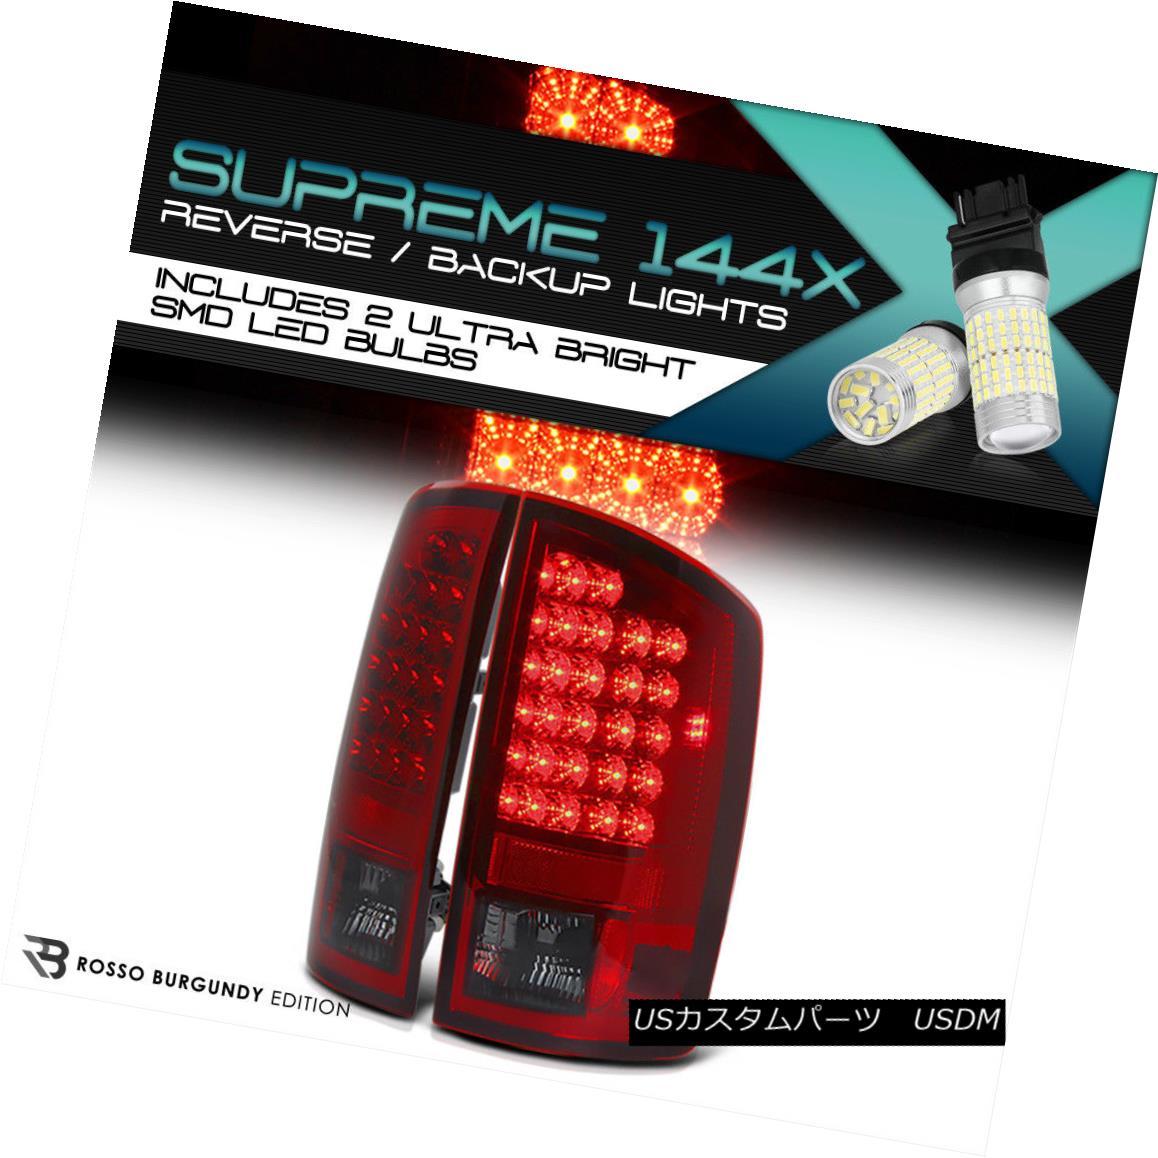 テールライト 360 DEGREE SMD REVERSE [PREMIUM] 02-06 Dodge Ram Smoke Wine Red LED Tail Lamp 360°SMD REVERSE [PREMIUM] 02-06ダッジラムスモークワインレッドLEDテールランプ